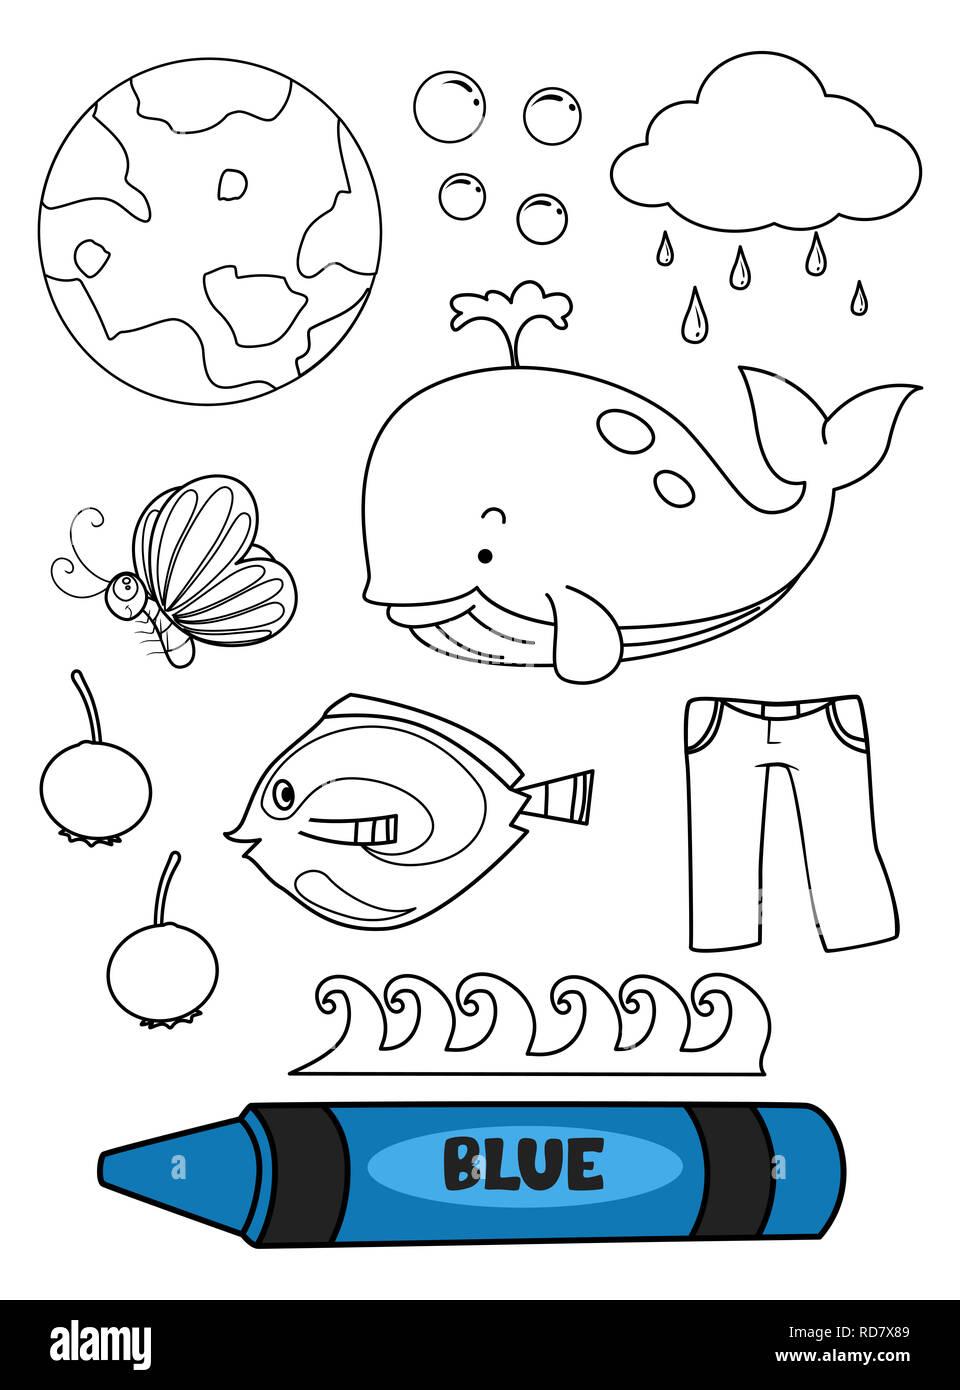 Ilustración De Un Lápiz Azul Con Azul Elementos En Una